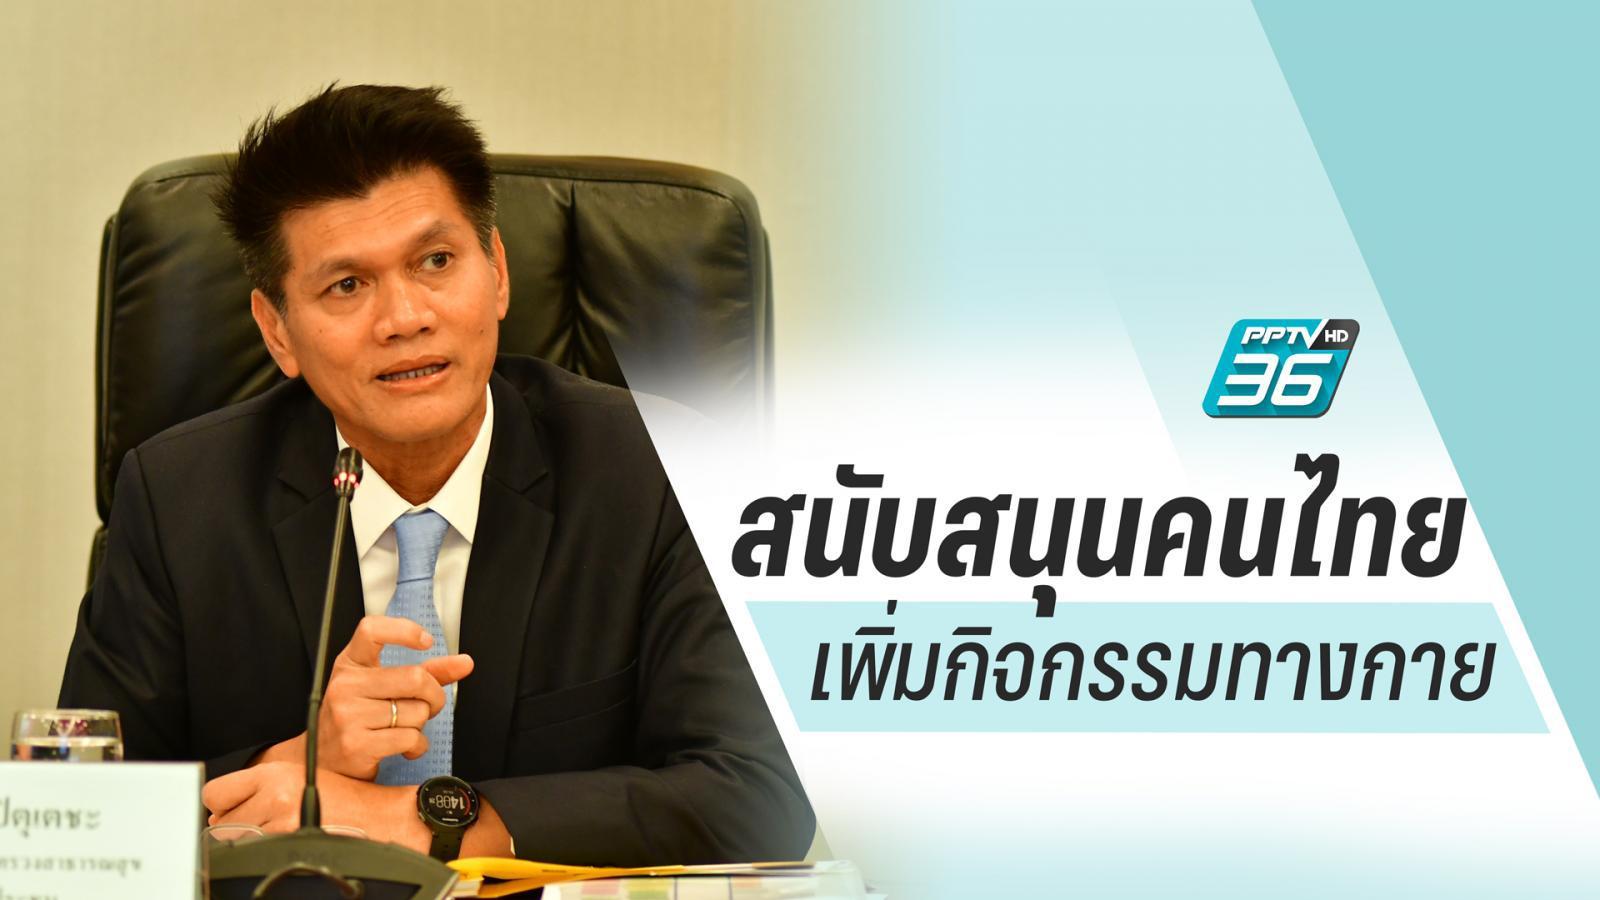 มติกรรมการสุขภาพแห่งชาติ หนุนคนไทย  เพิ่ม 'กิจกรรมทางกาย ทำคนไทยสุขภาพแข็งแรง'